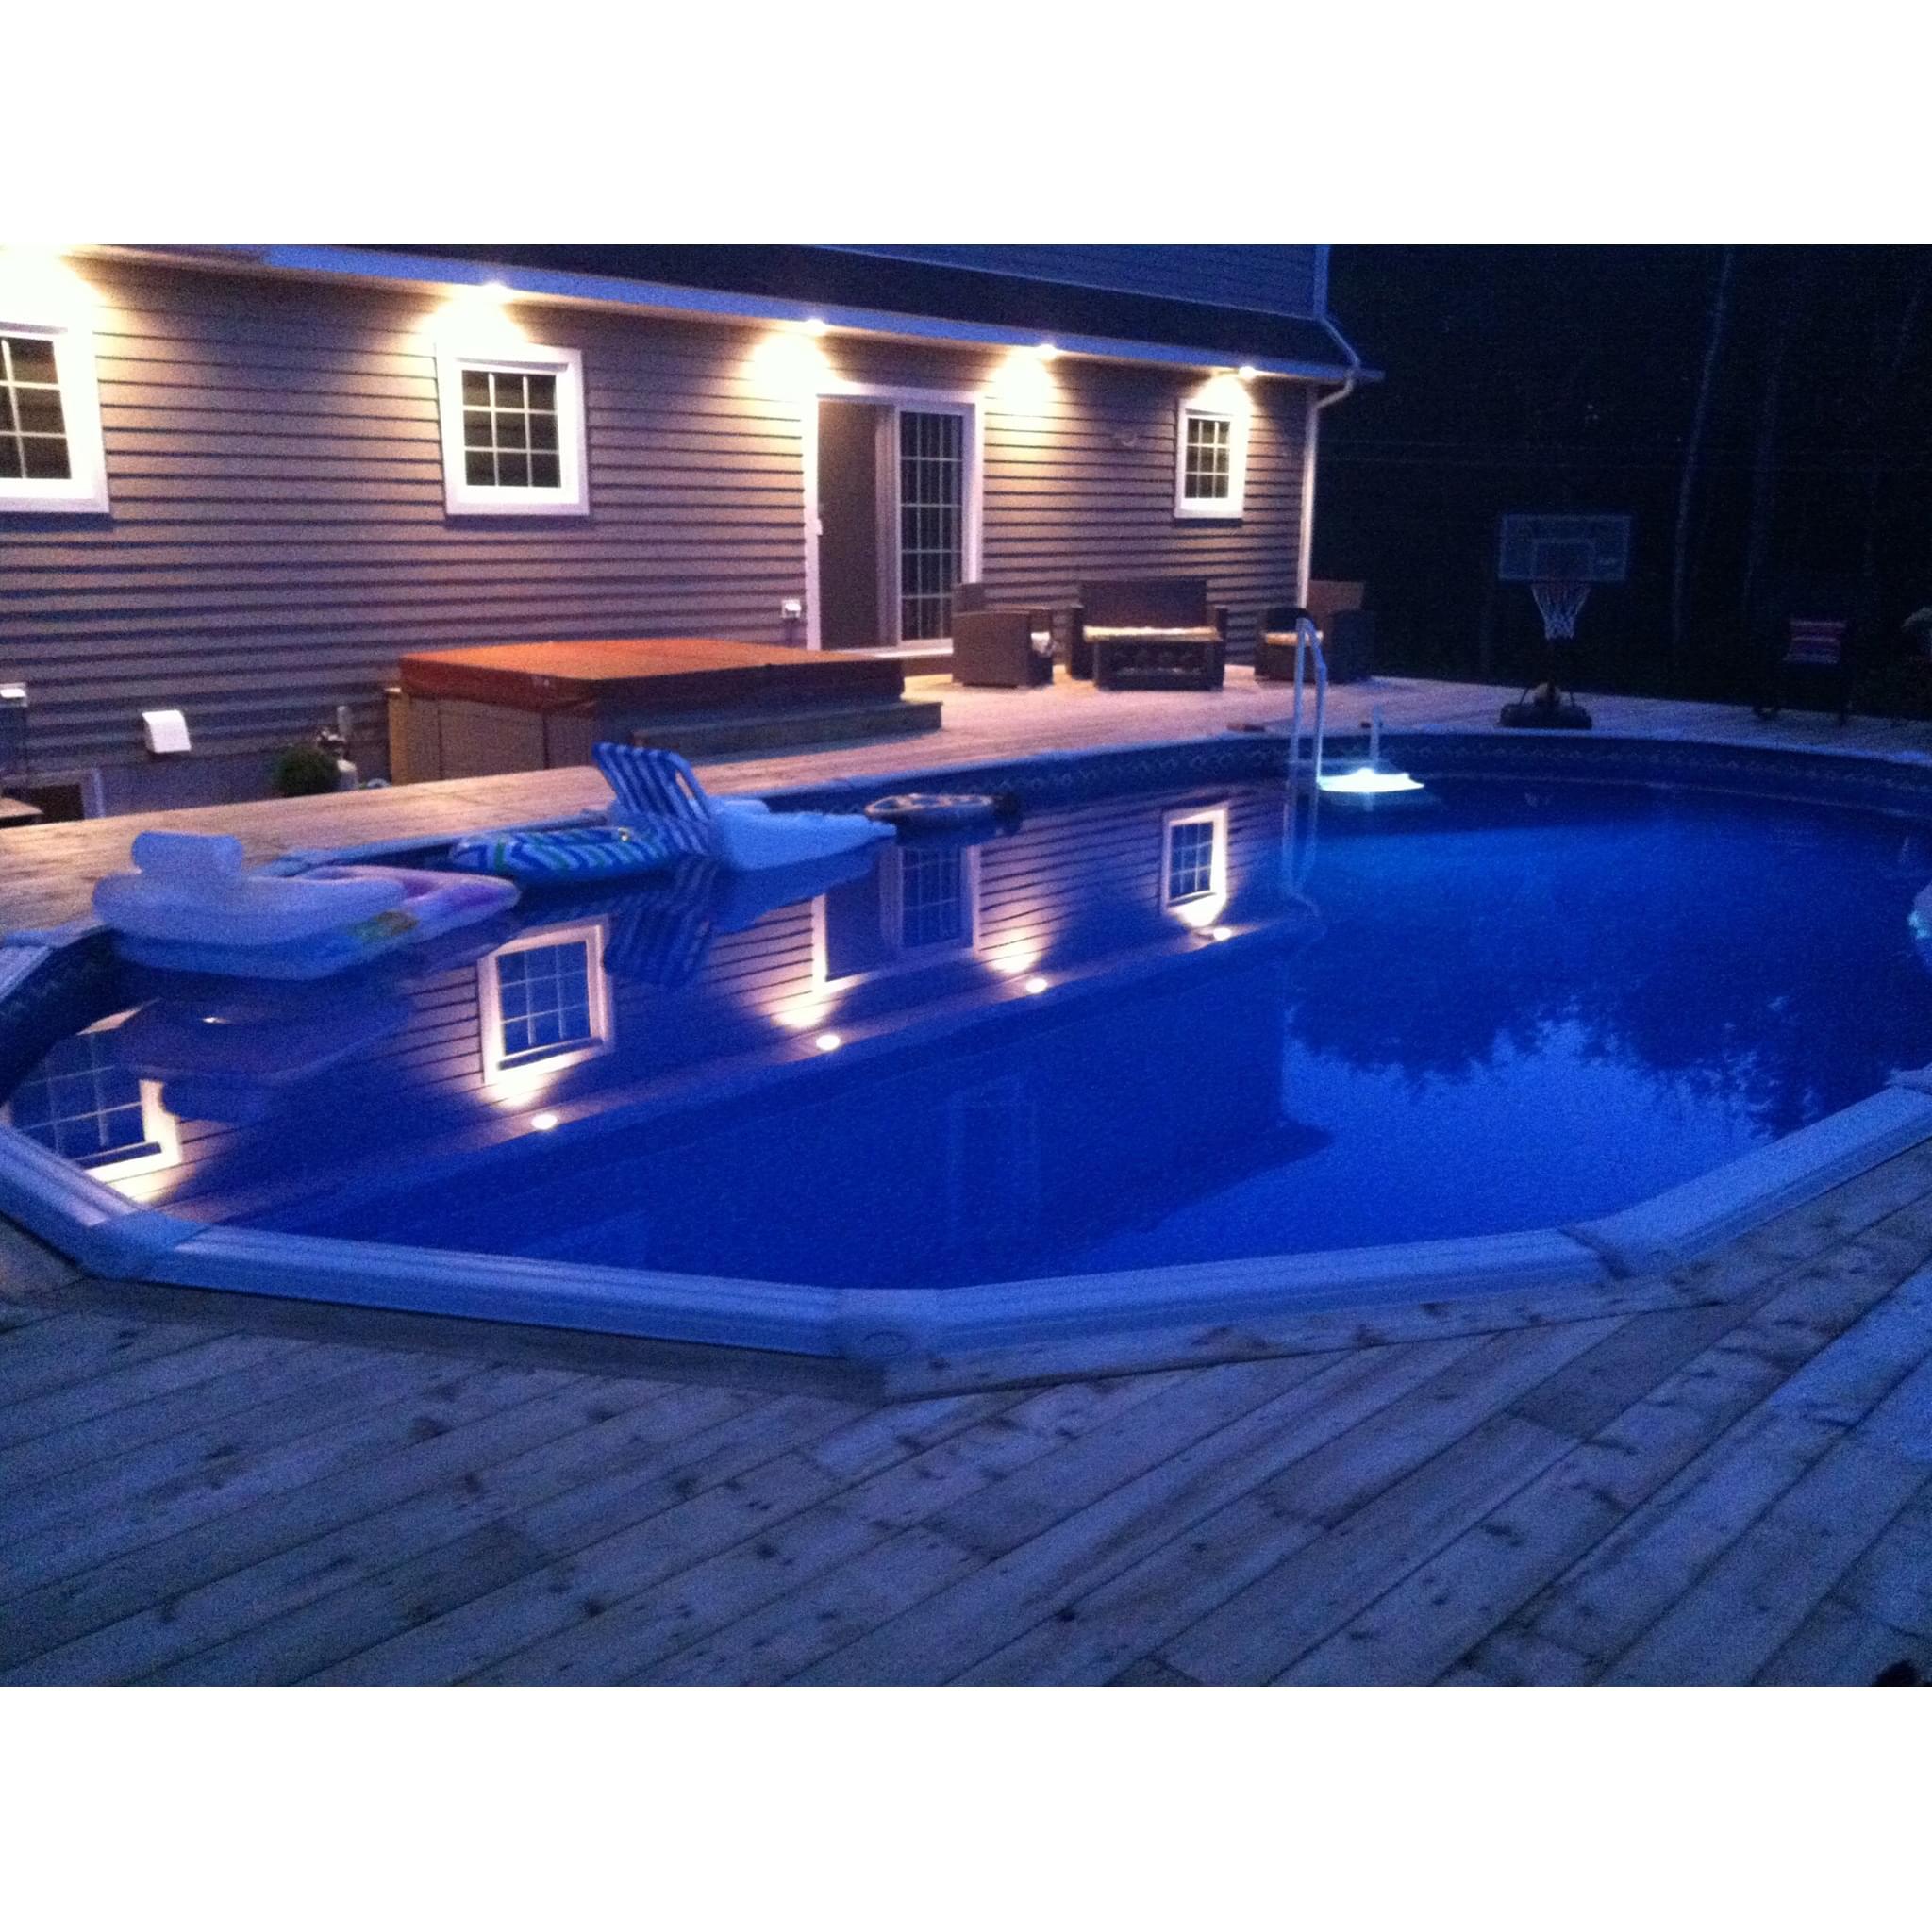 Nature 15 x 24 ovale sans contrefort toile et cumoire for Chauffe eau piscine hors terre prix